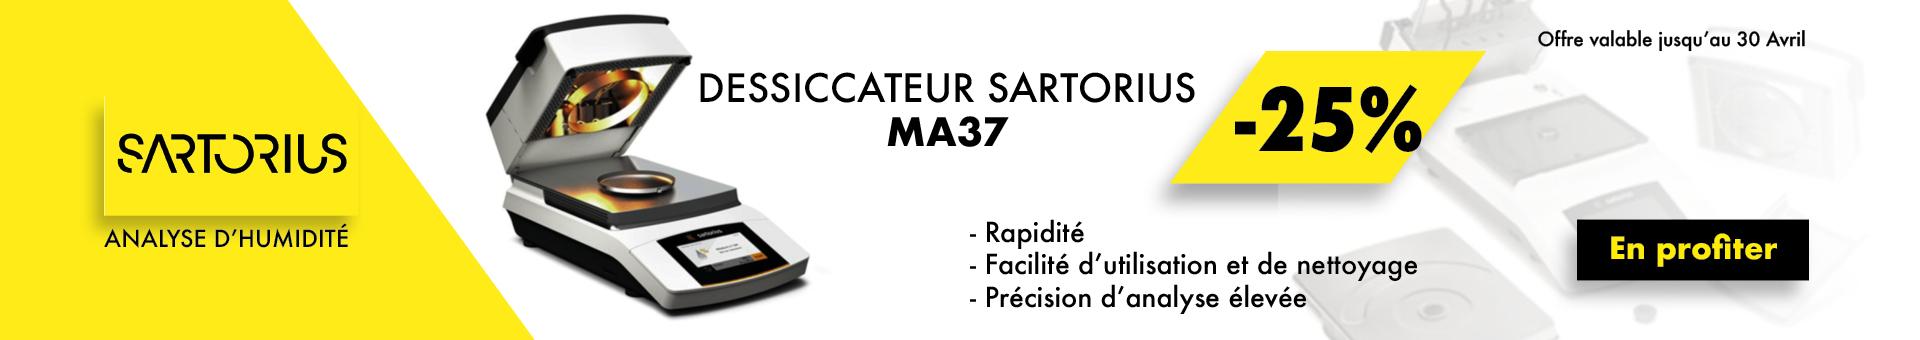 dessiccateur_sartorius_laboratoire